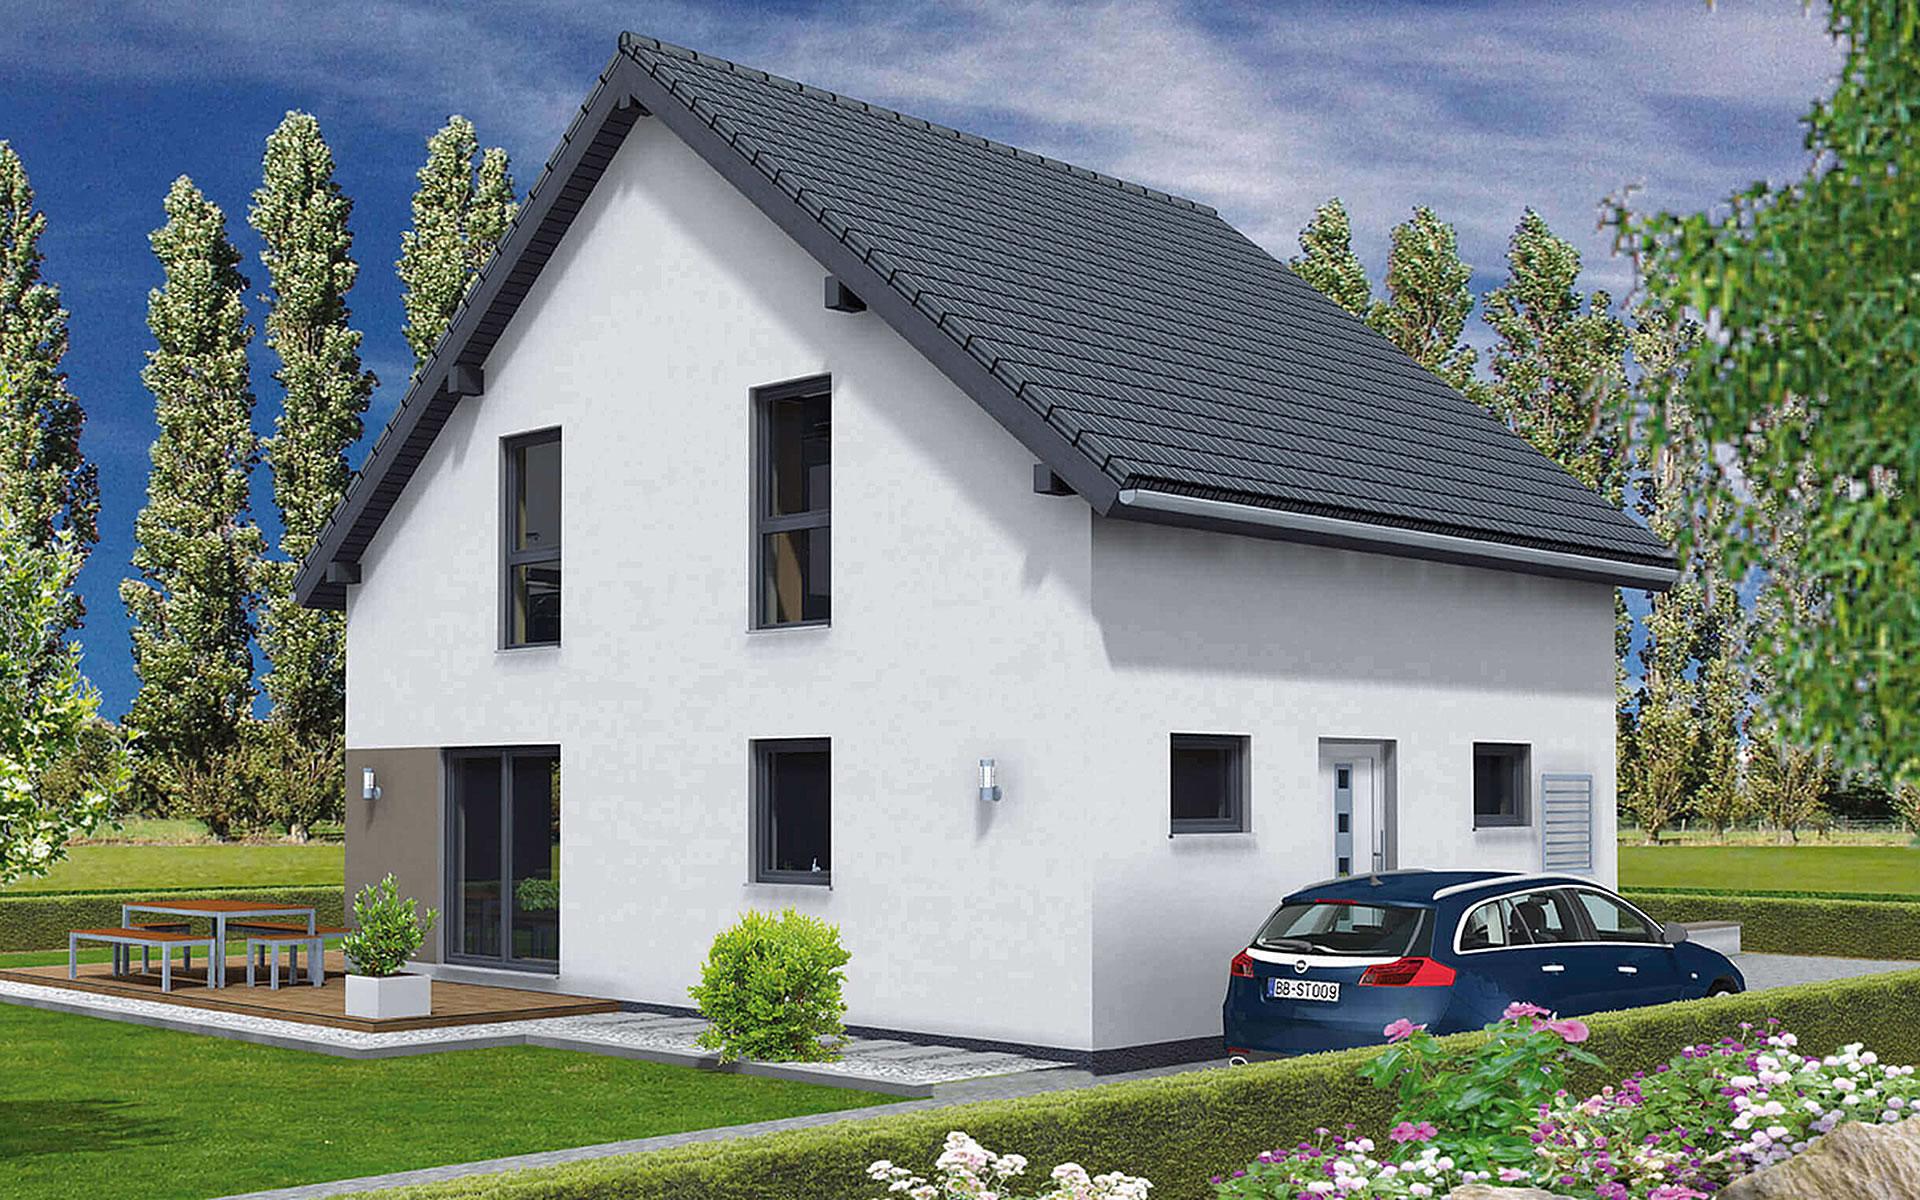 Berlin von Fingerhut Haus GmbH & Co. KG